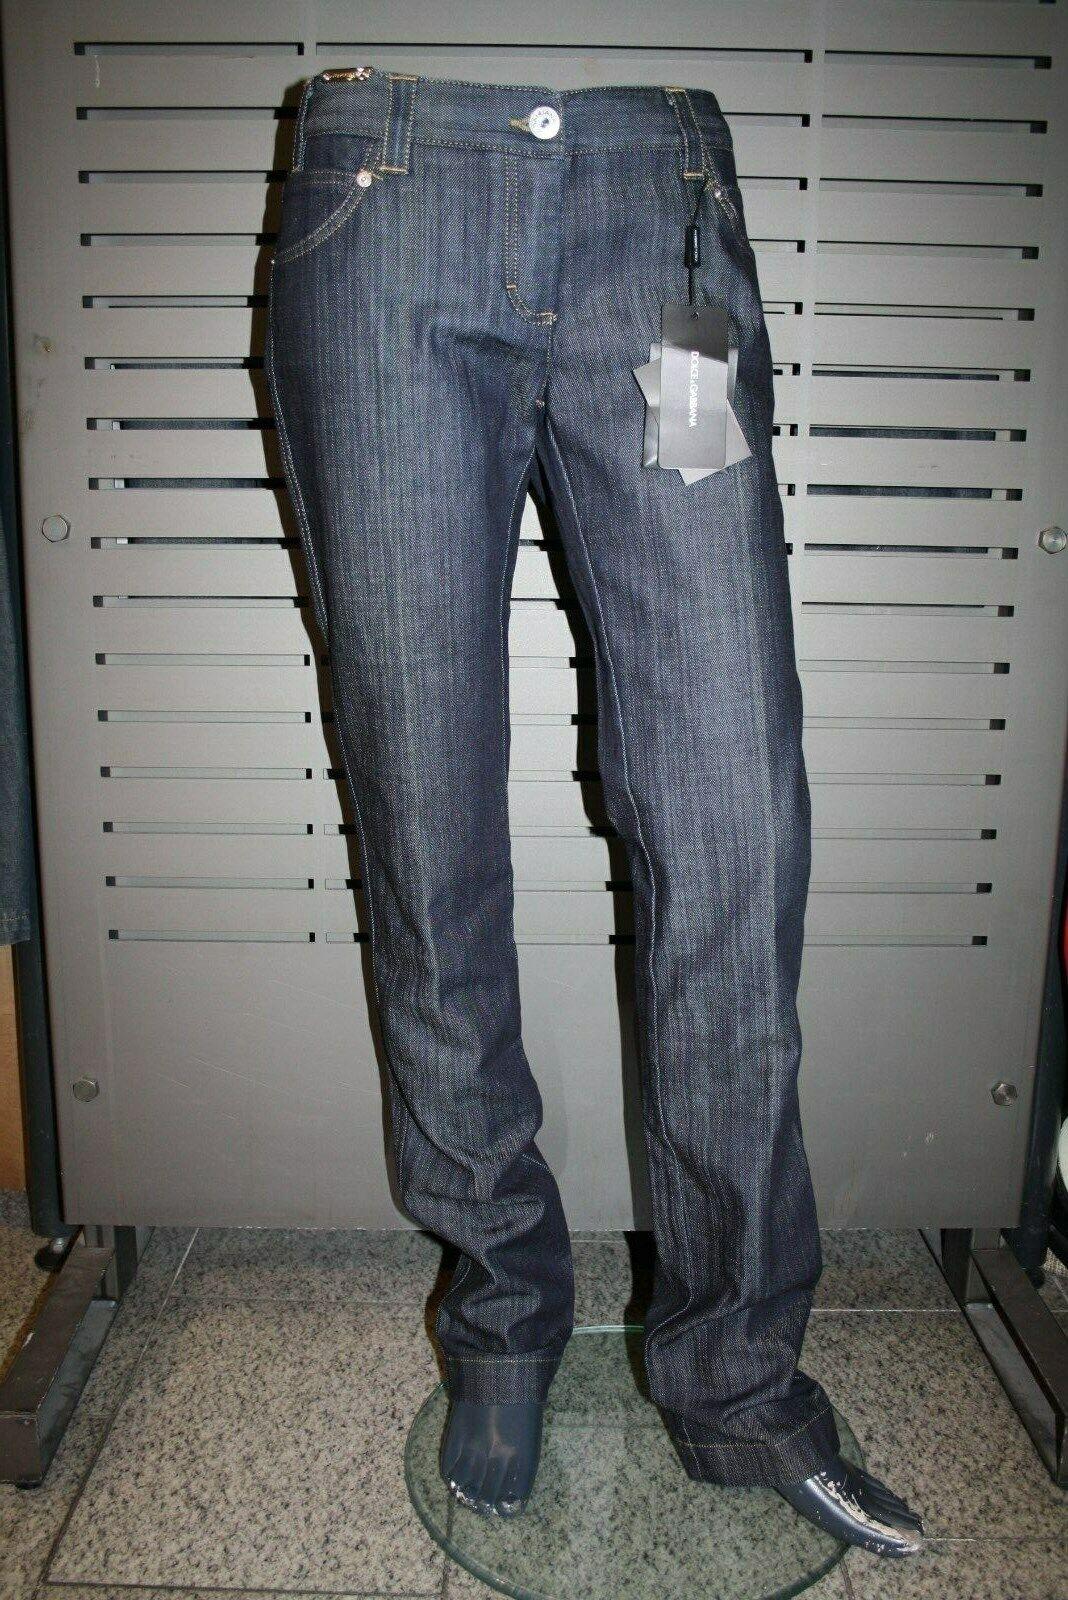 Dolce & Gabbana Damen Jeans Hose dark Blau blau neu neu neu schwarz label Made in  e1218f